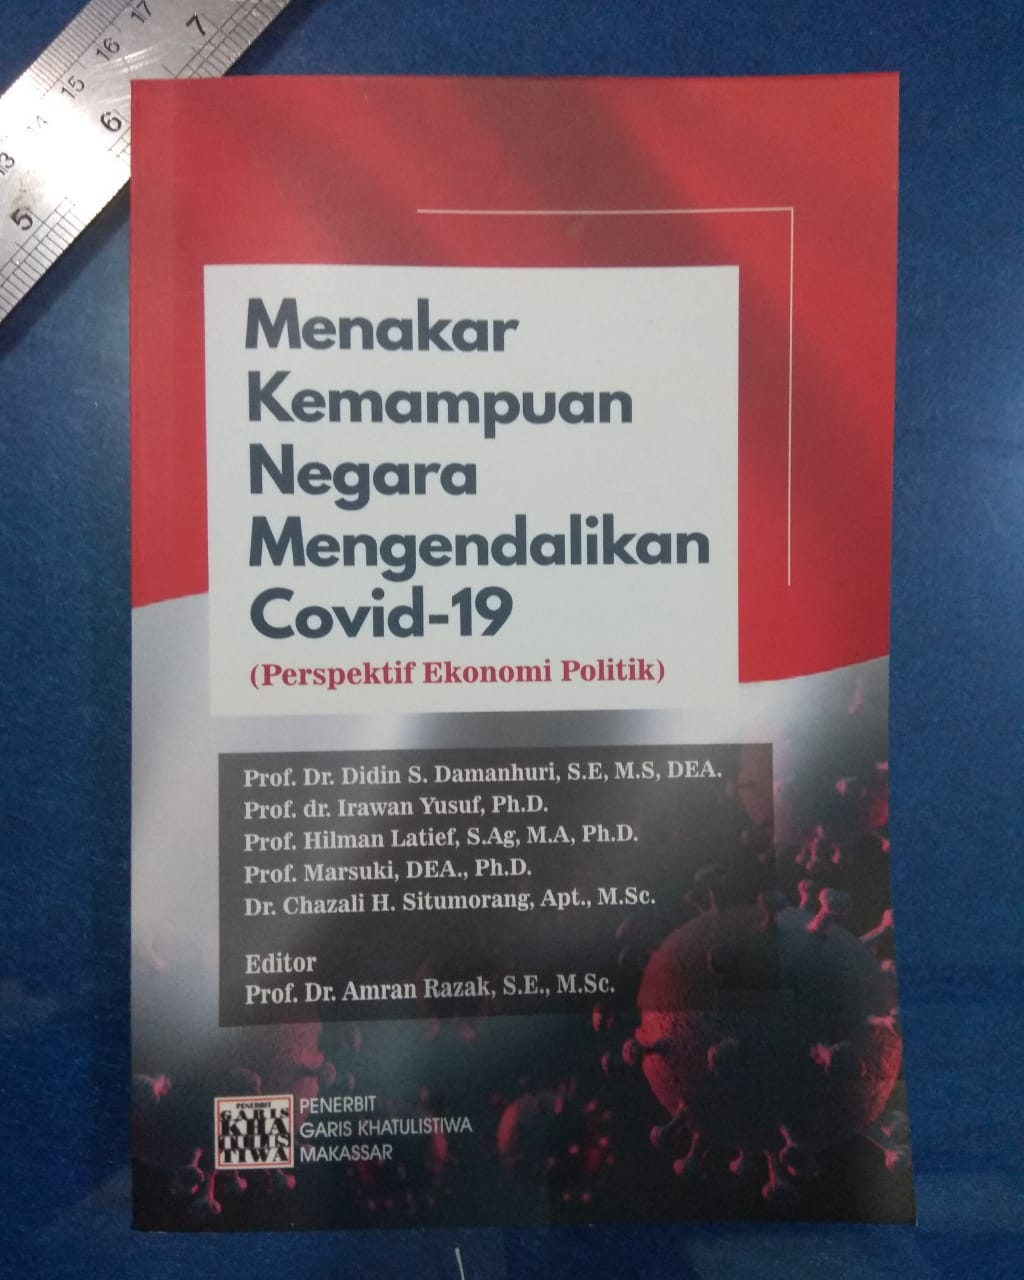 """Diskusi Buku """"Menakar Kemampuan Negara Dalam Mengendalikan COVID-19 Via ZOOM Dalam Rangka Hardiknas"""